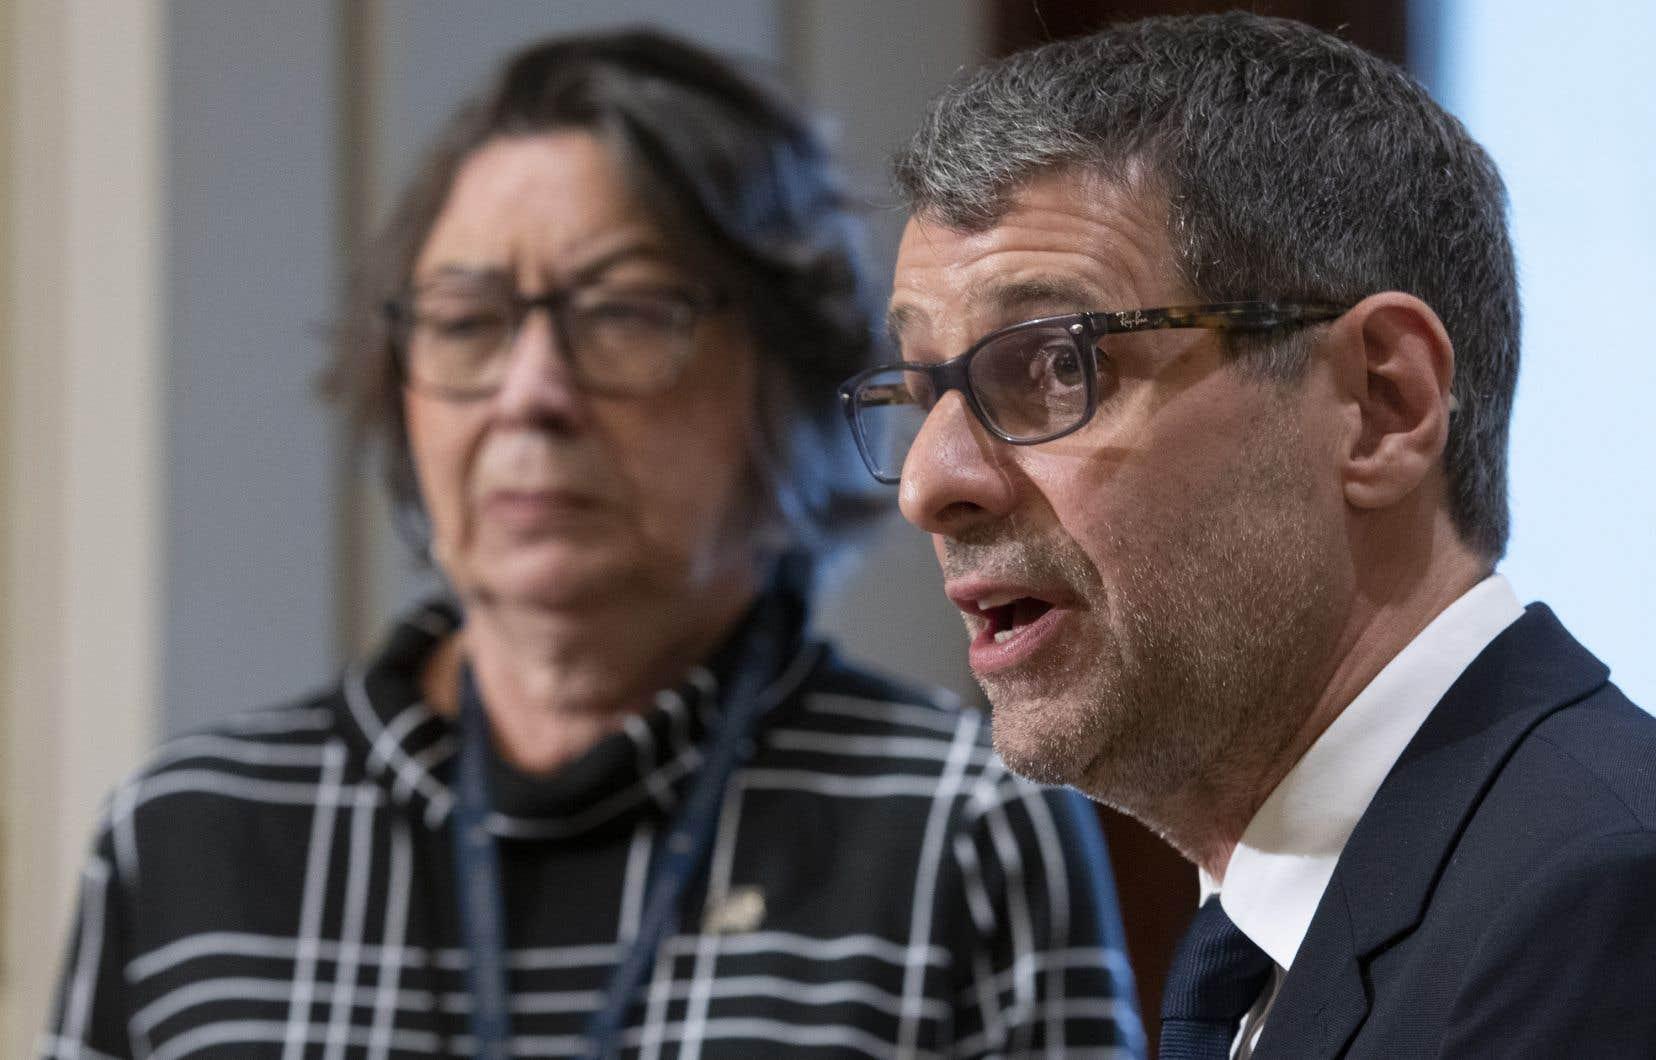 Claire Samson confirme qu'elle se joint au Parti conservateur du Québec dans un point de presse avec Éric Duhaime.